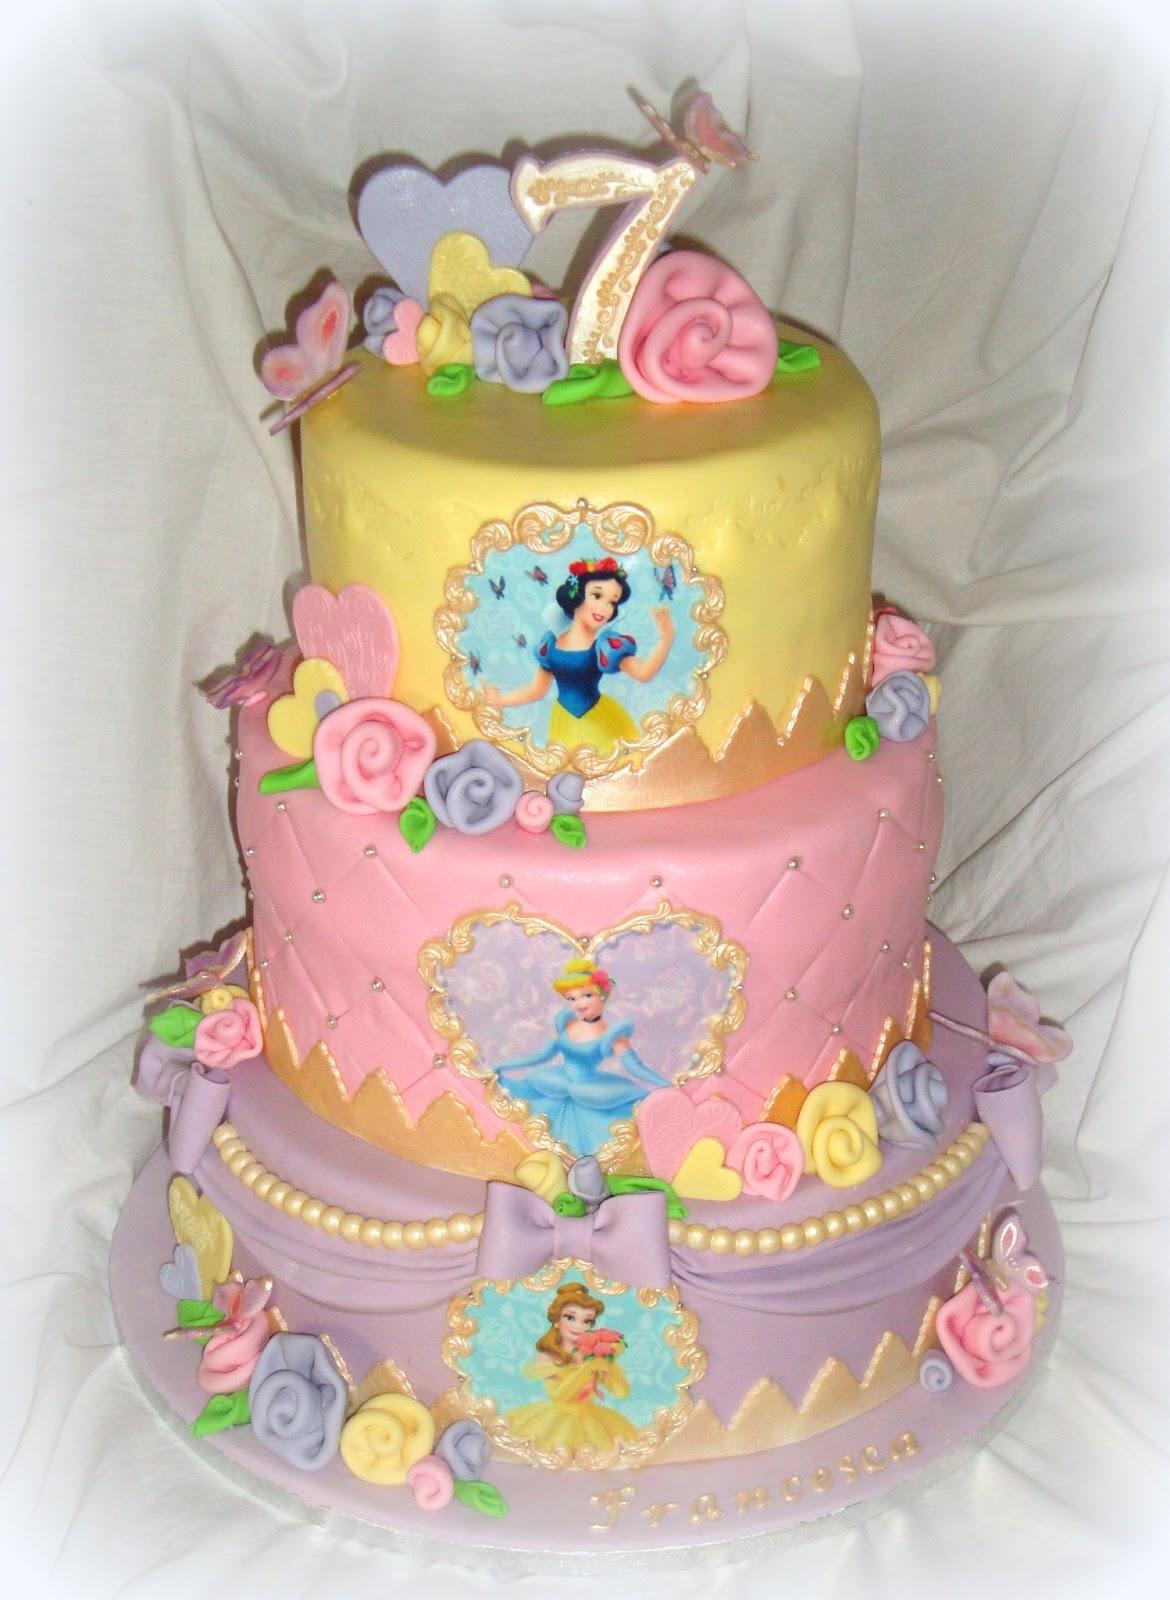 Pisello Nuove Torte Di Compleanno Per Bambini Foto Cake On Pinterest #5D9A31 1170 1600 Immagini Di Cucine Open Space